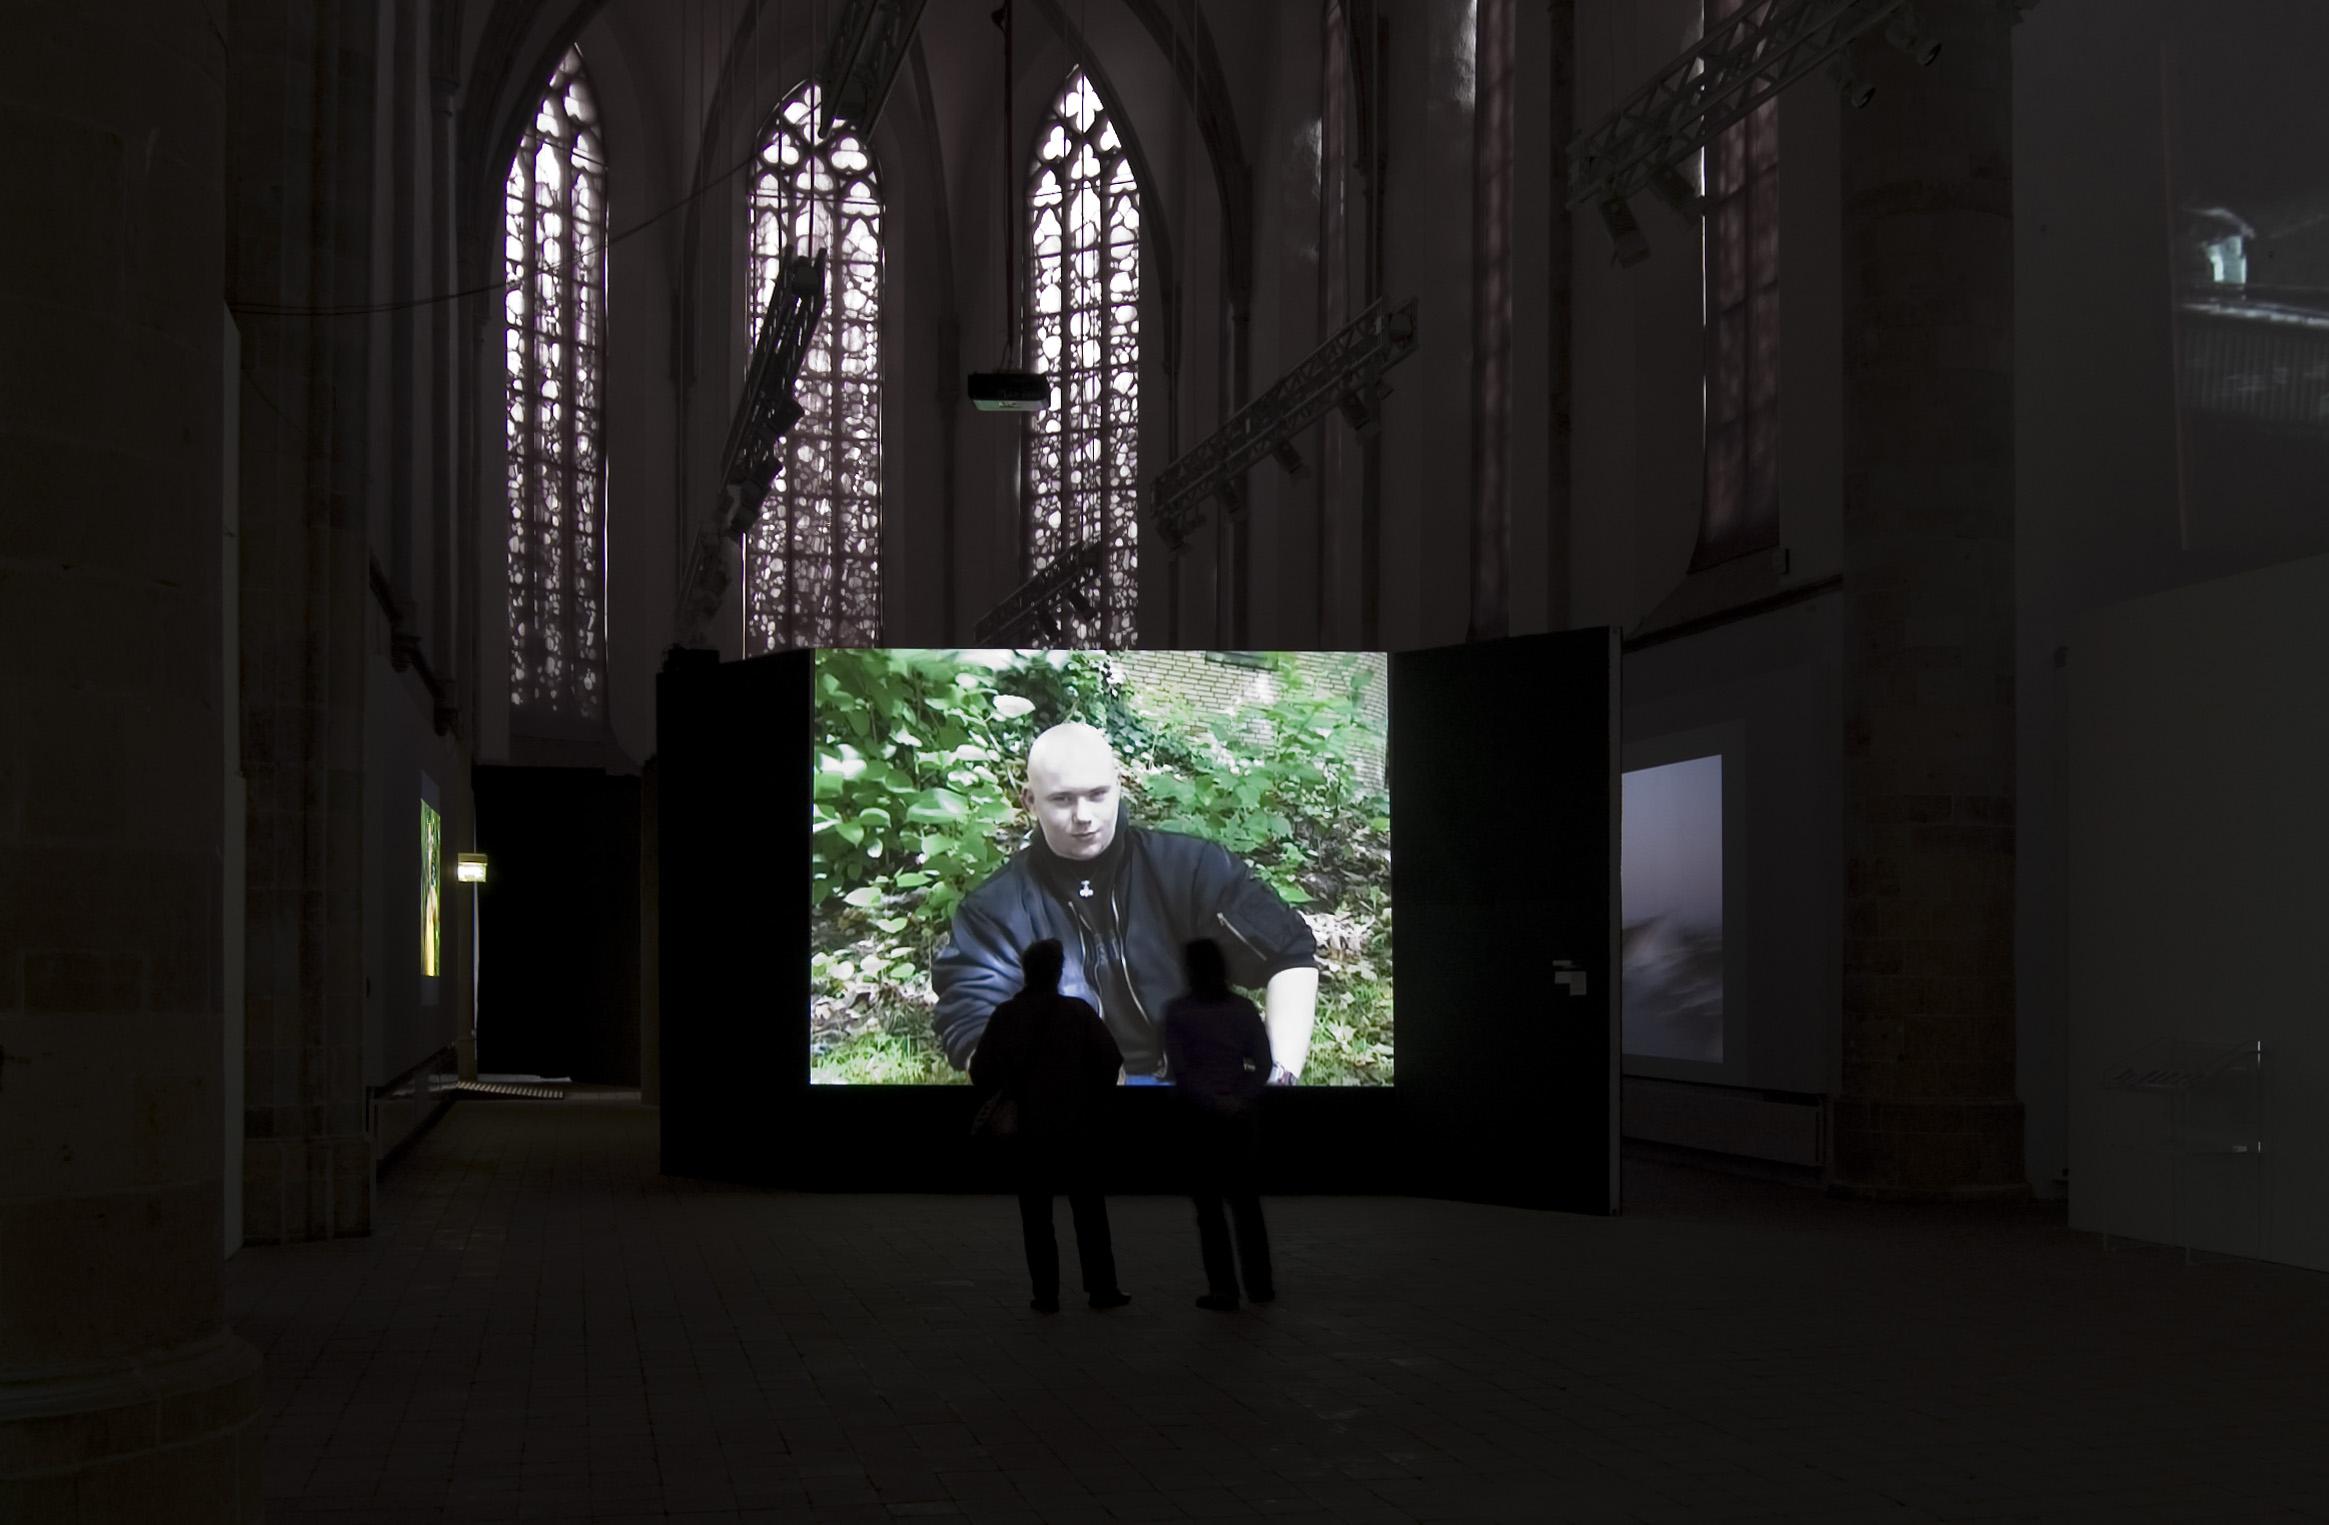 Pit Bull Germany, European Media Art Festival, Kunsthalle Dominikanerkirche, Osnabrück 2008